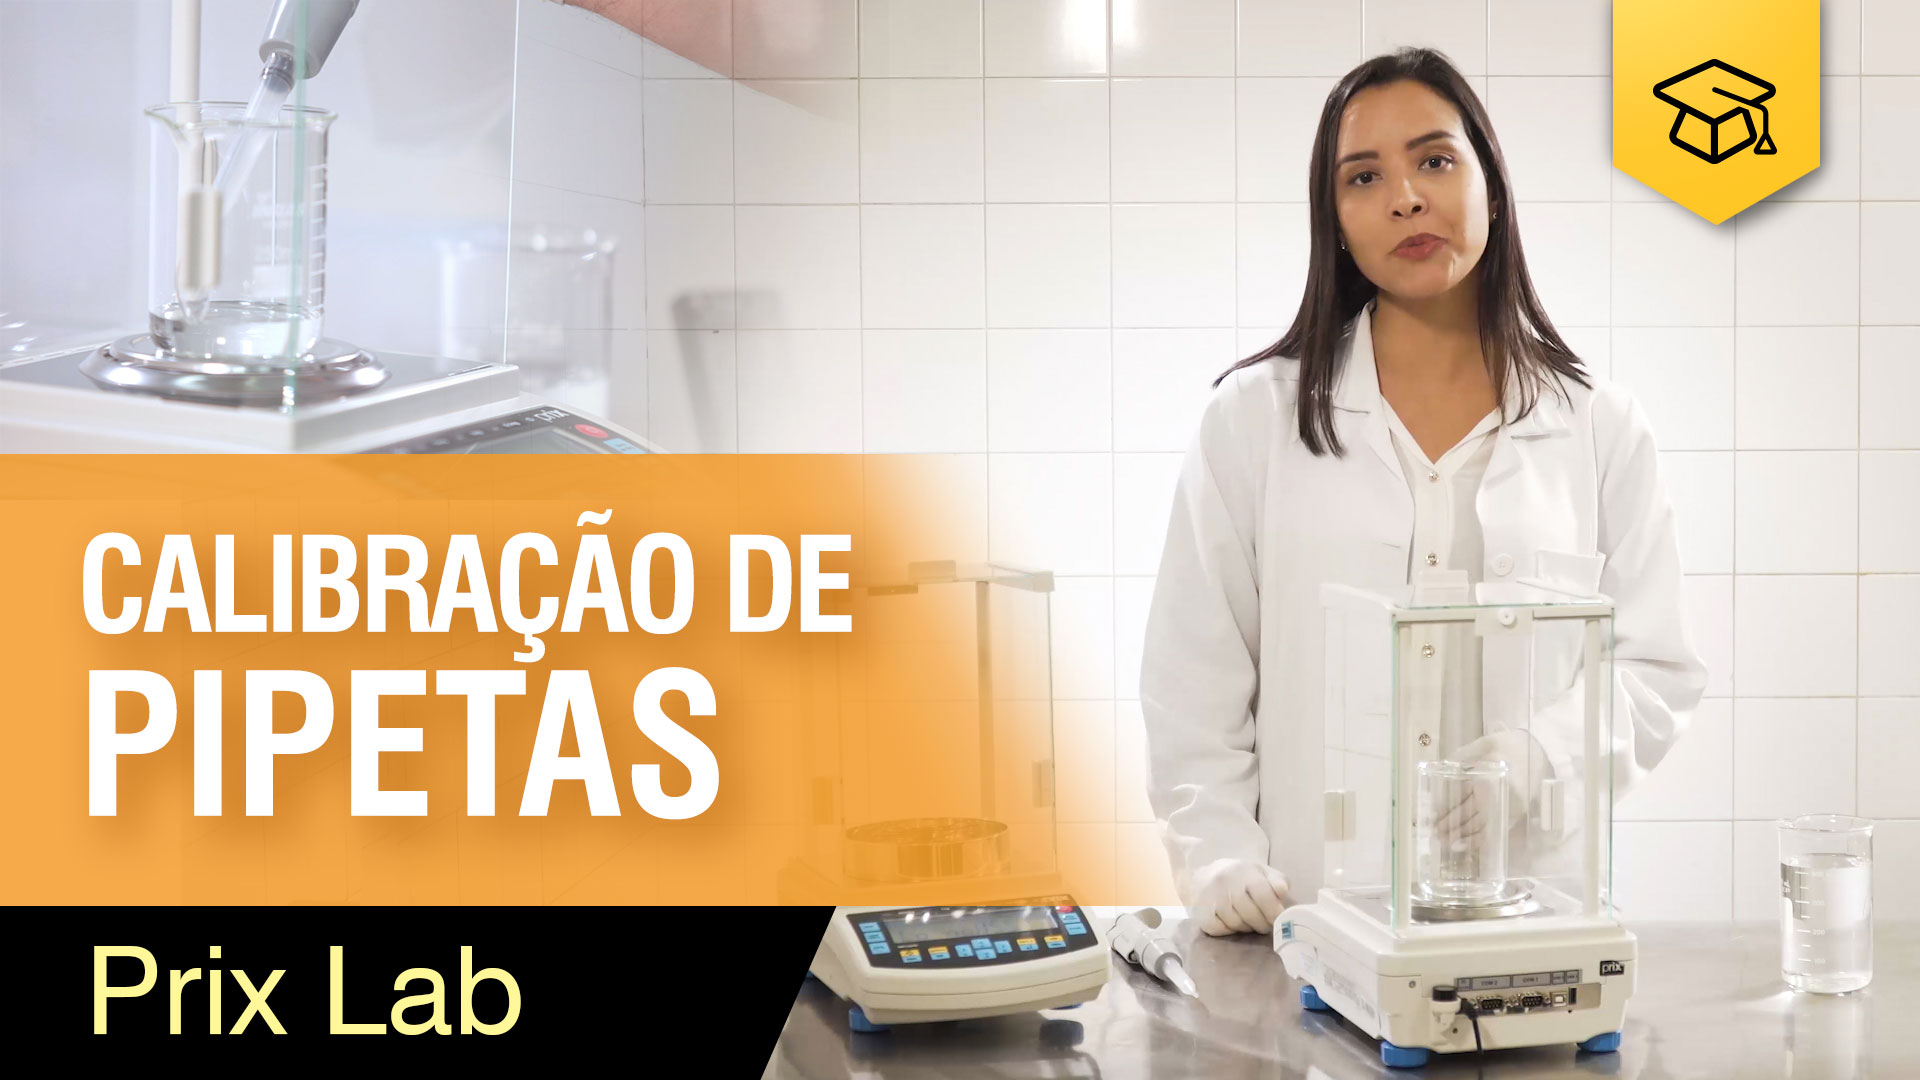 Calibração de Pipetas - Prix Lab